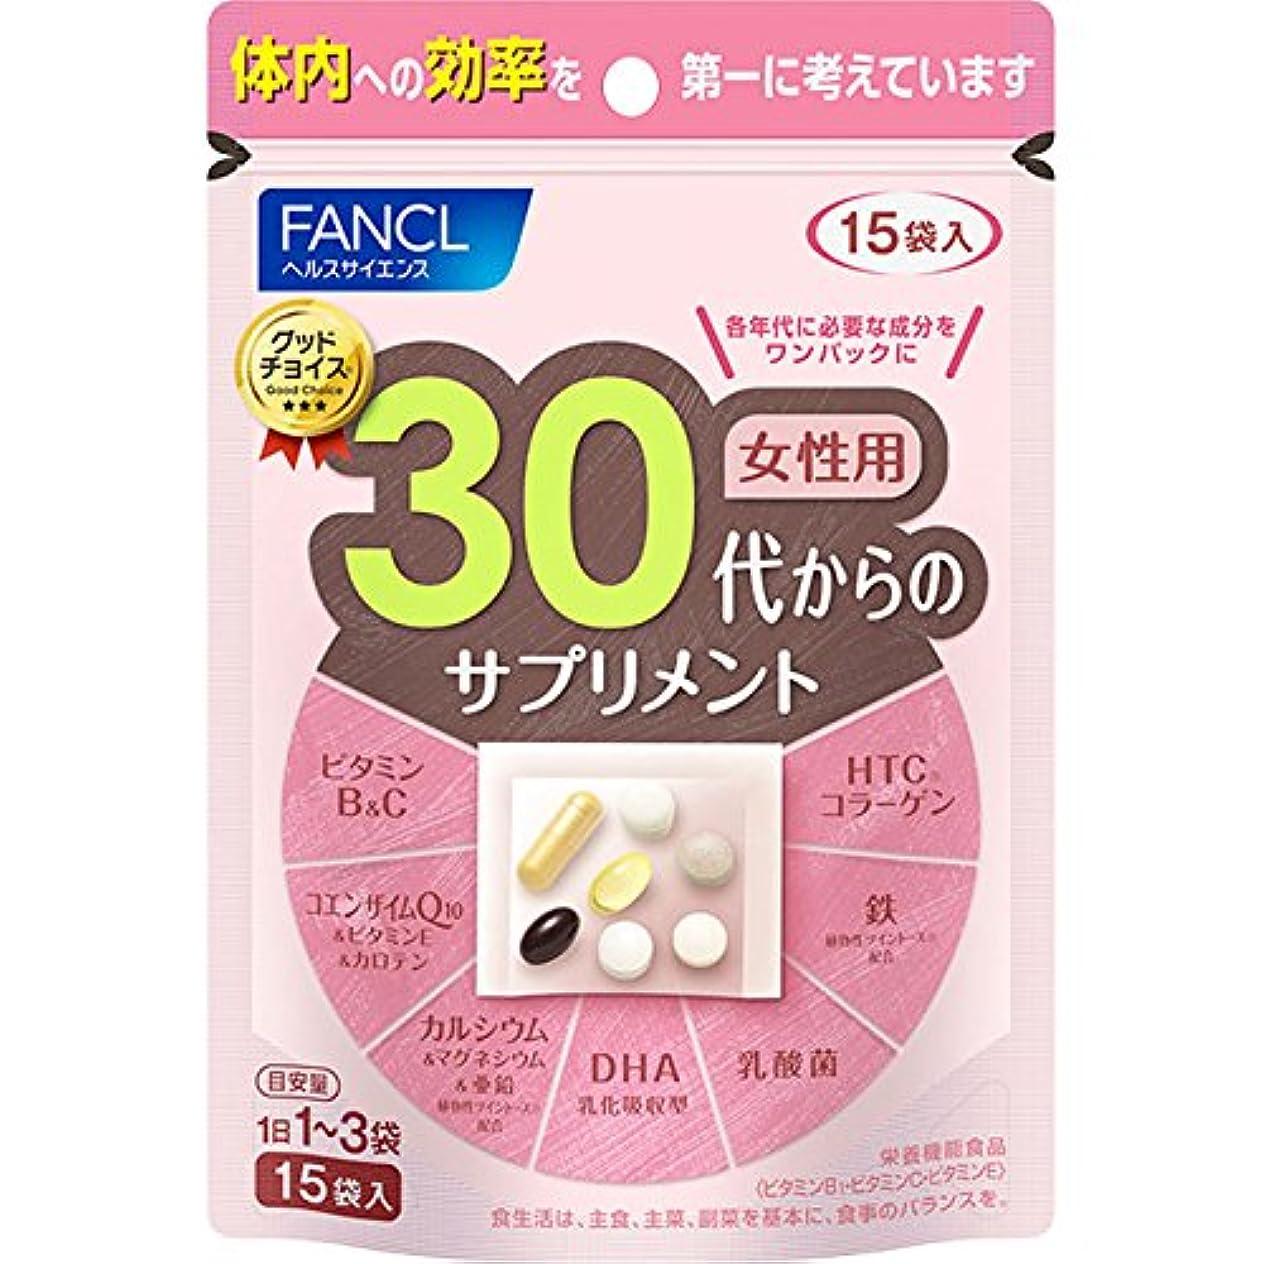 セブン変化測定30代からのサプリメント 女性用 15袋入